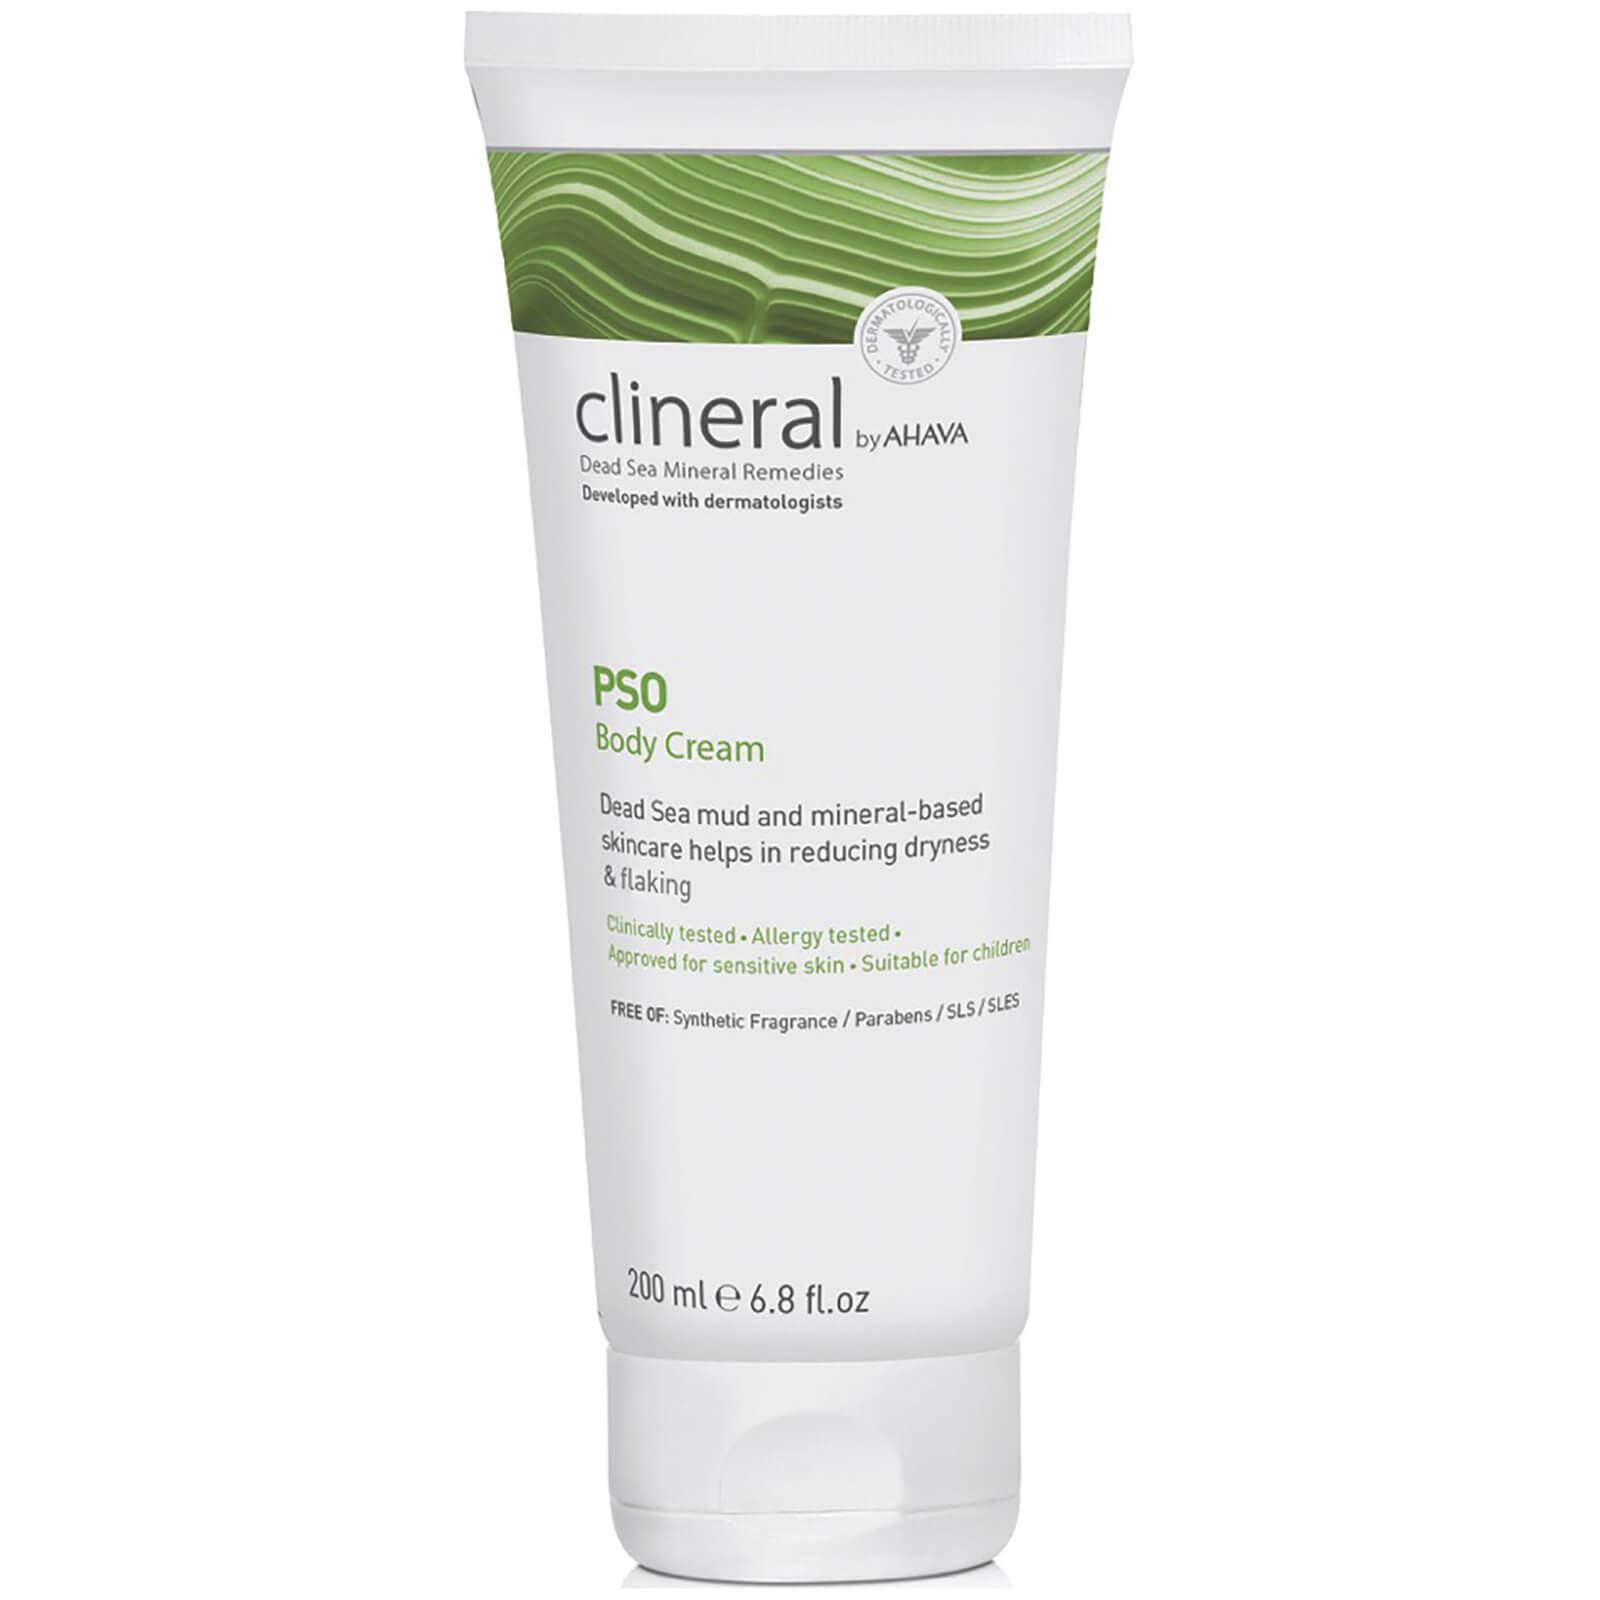 AHAVA - Clineral PSO Body Cream 200 ml